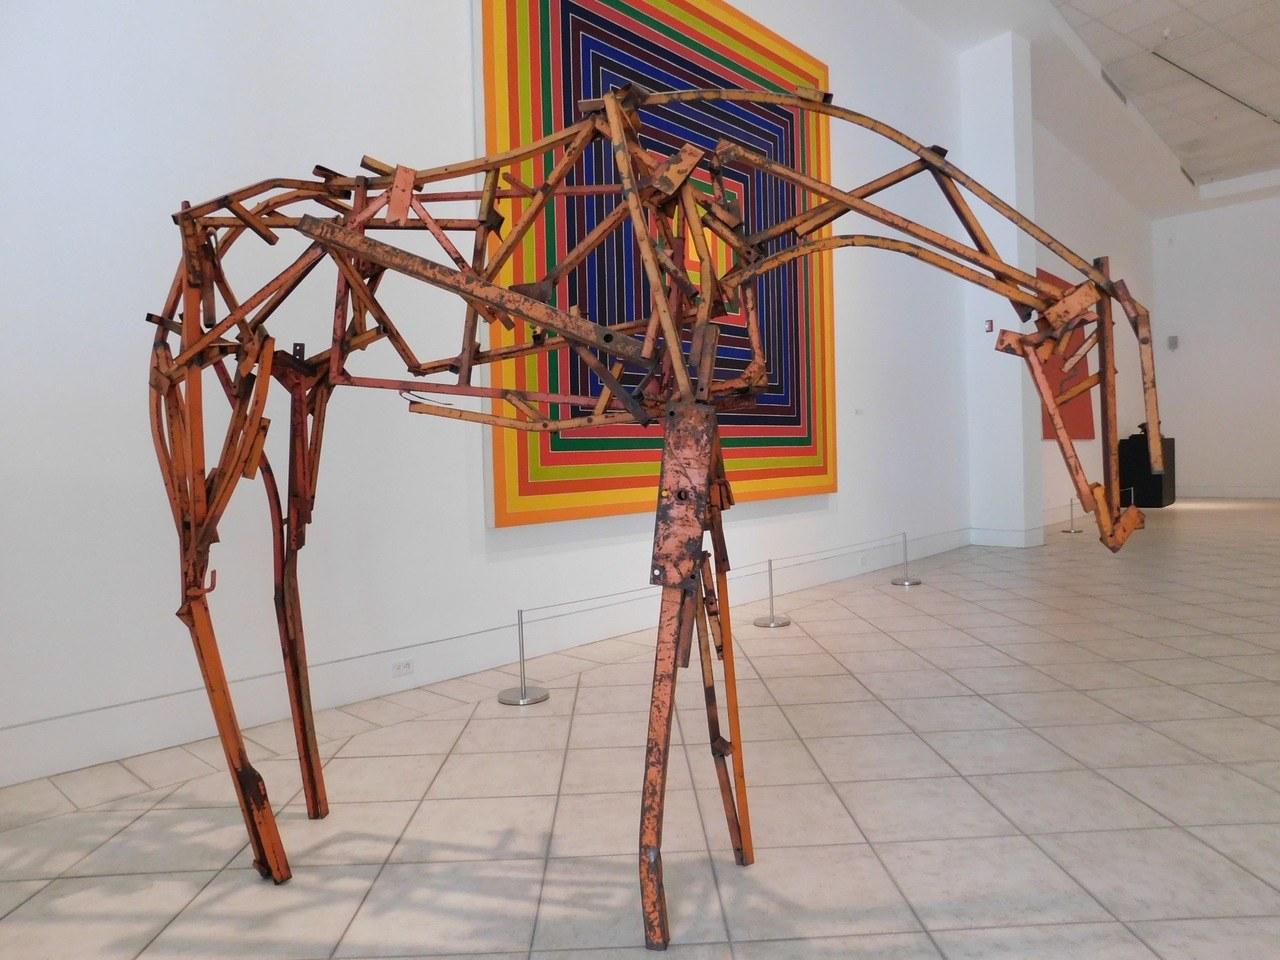 sculpture contemporaine au lowe art museum de miami le courrier de floride. Black Bedroom Furniture Sets. Home Design Ideas